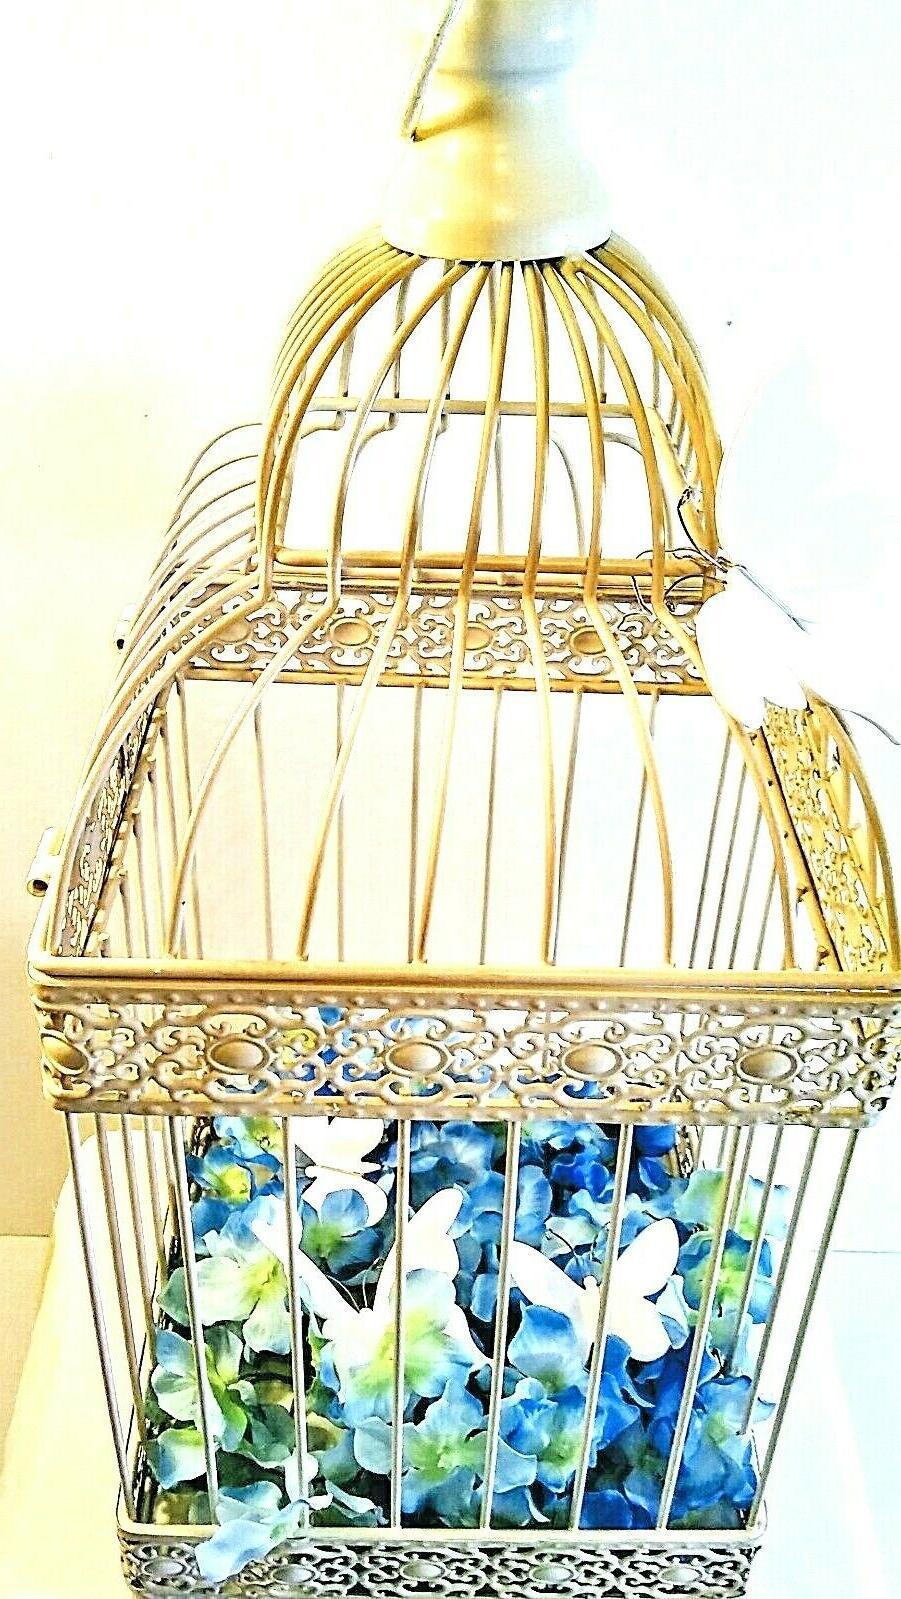 antique cream metal decorative bird cage wedding